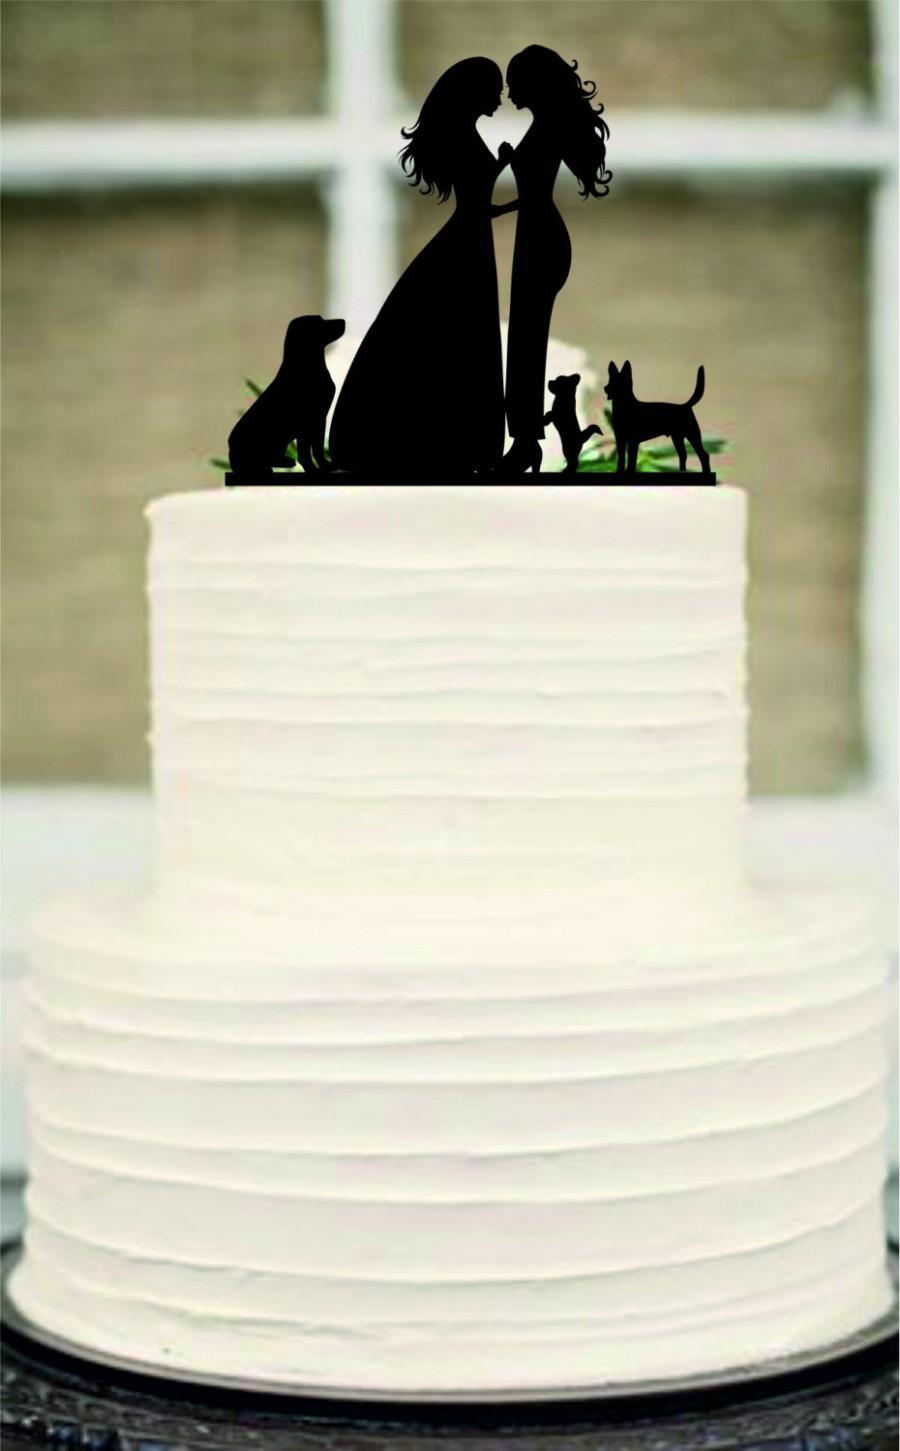 Hochzeit - Lesbian Cake Topper, Same Sex Cake Topper, Mrs and Mrs Wedding Cake Topper, dog cake topper, Rustic Wedding Cake, Unique wedding cake topper